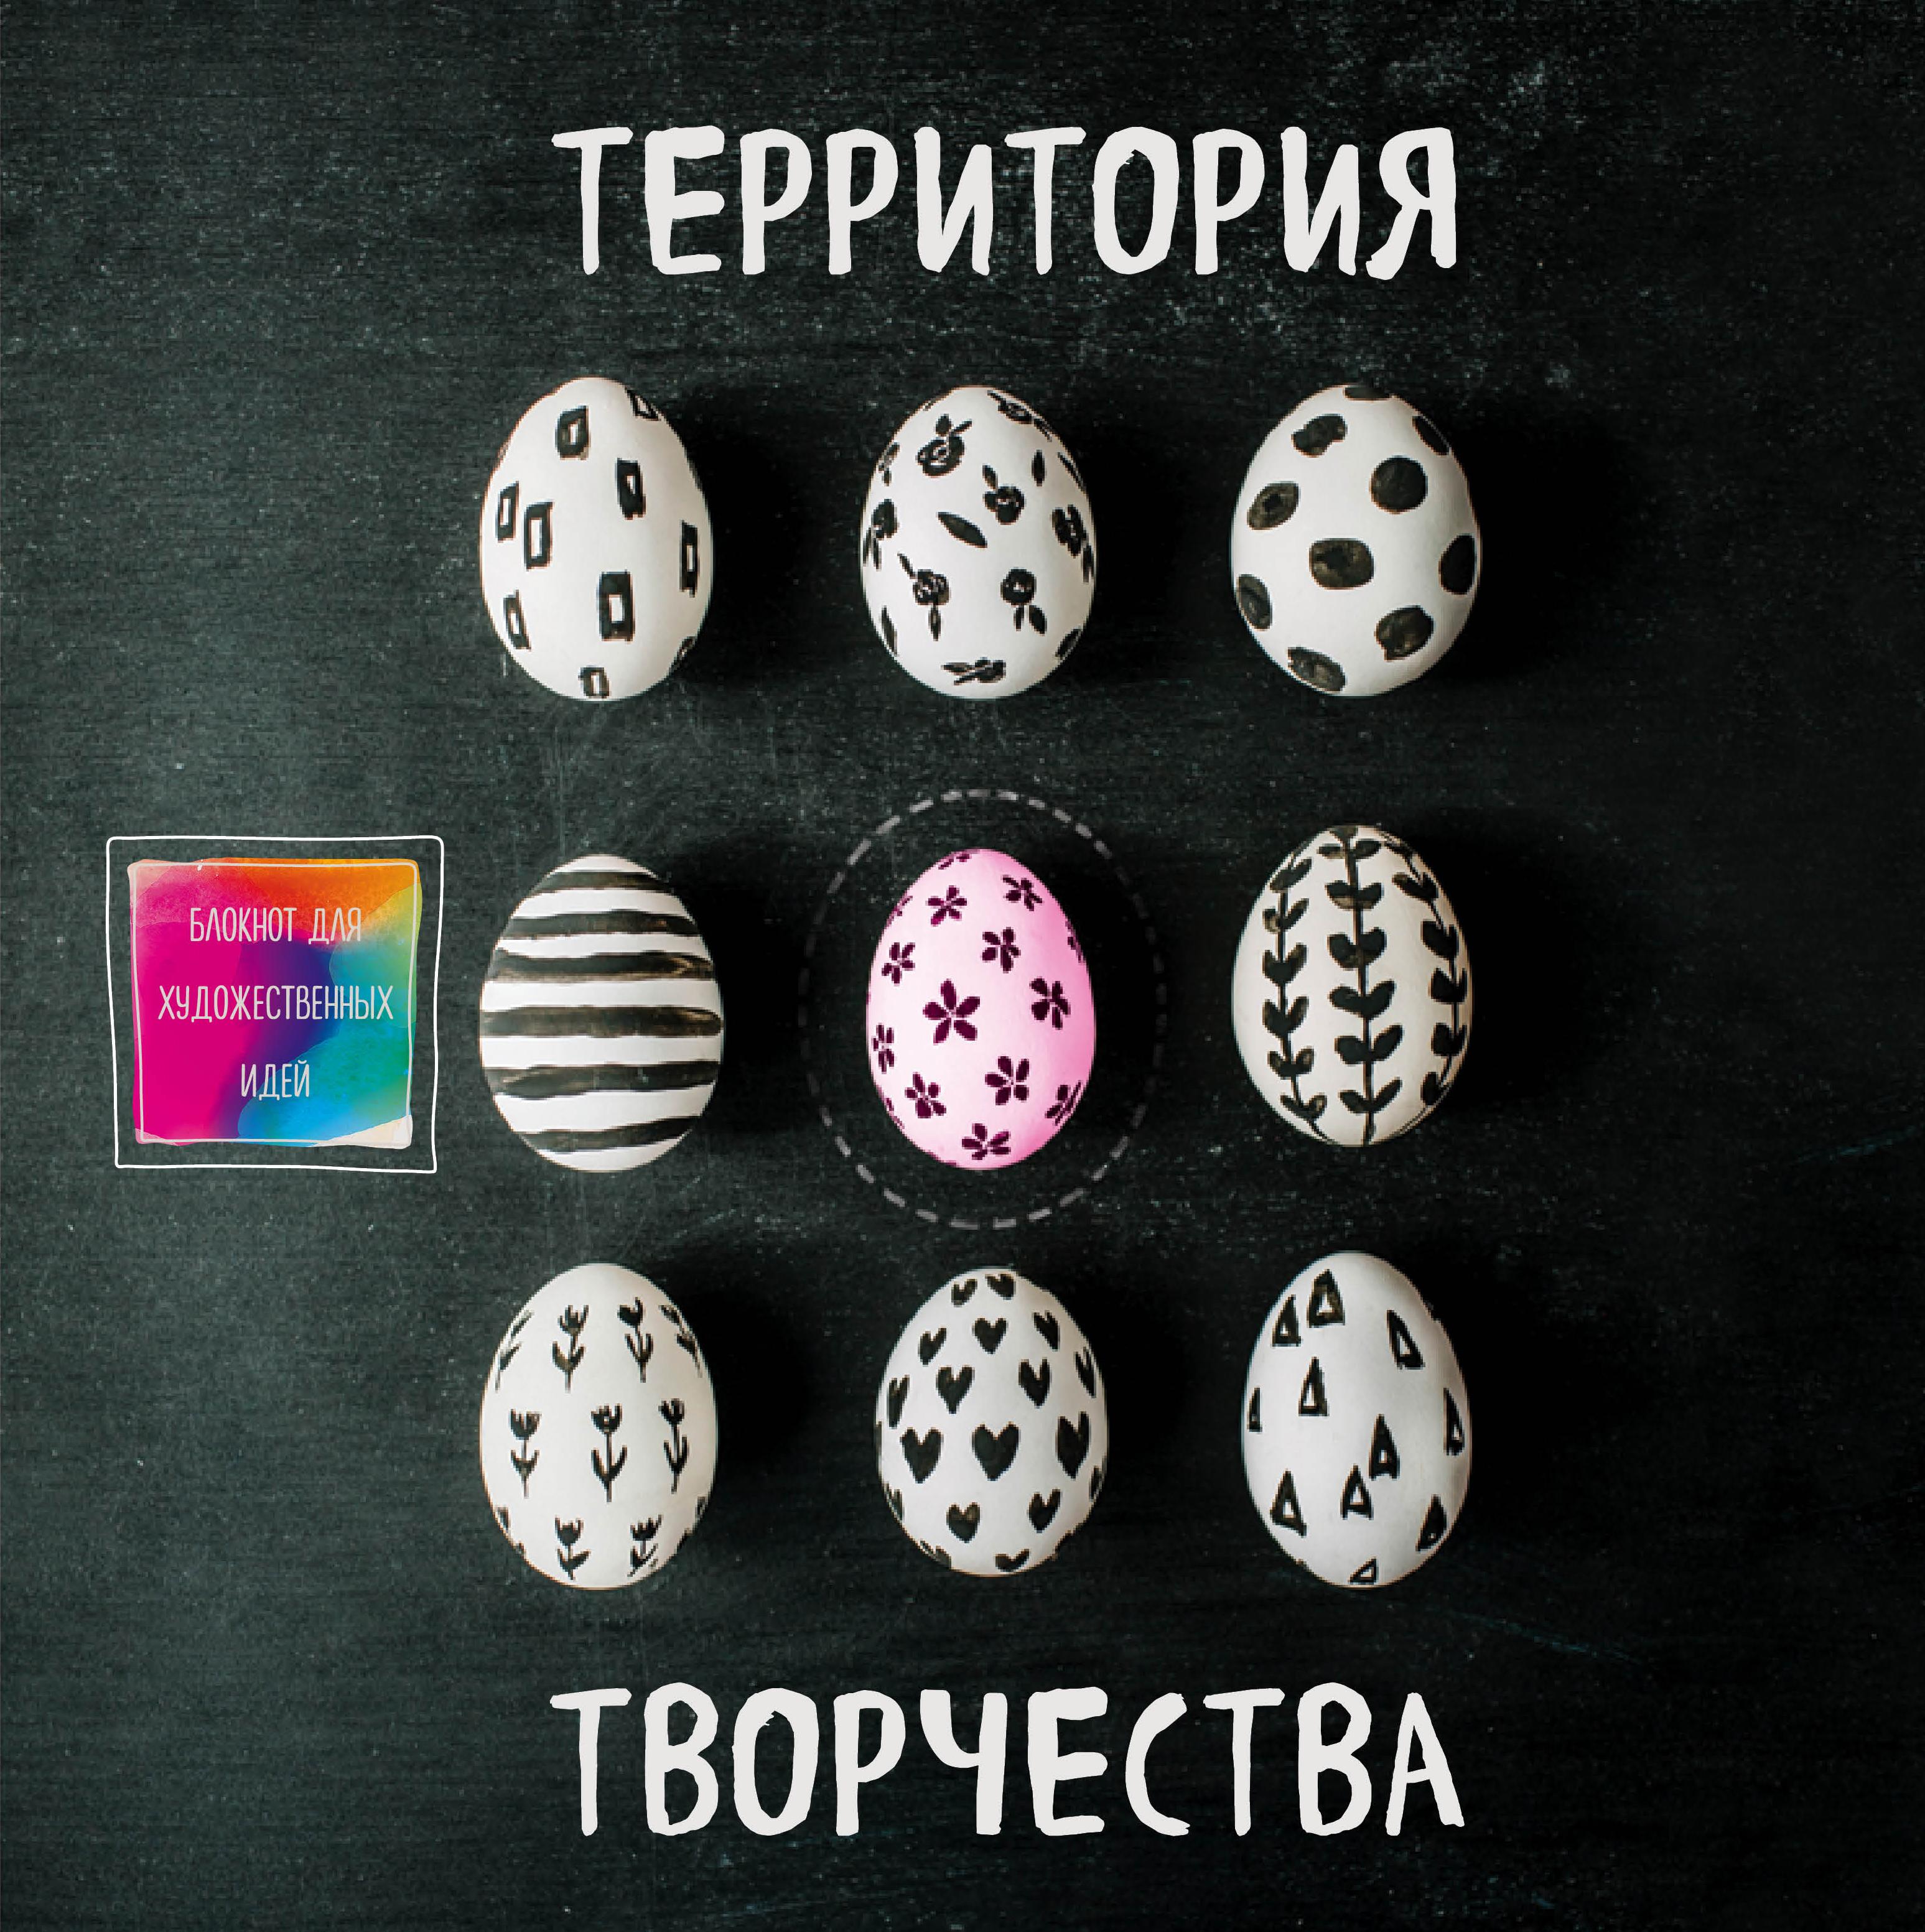 Яйцо. Блокнот для художественных идей